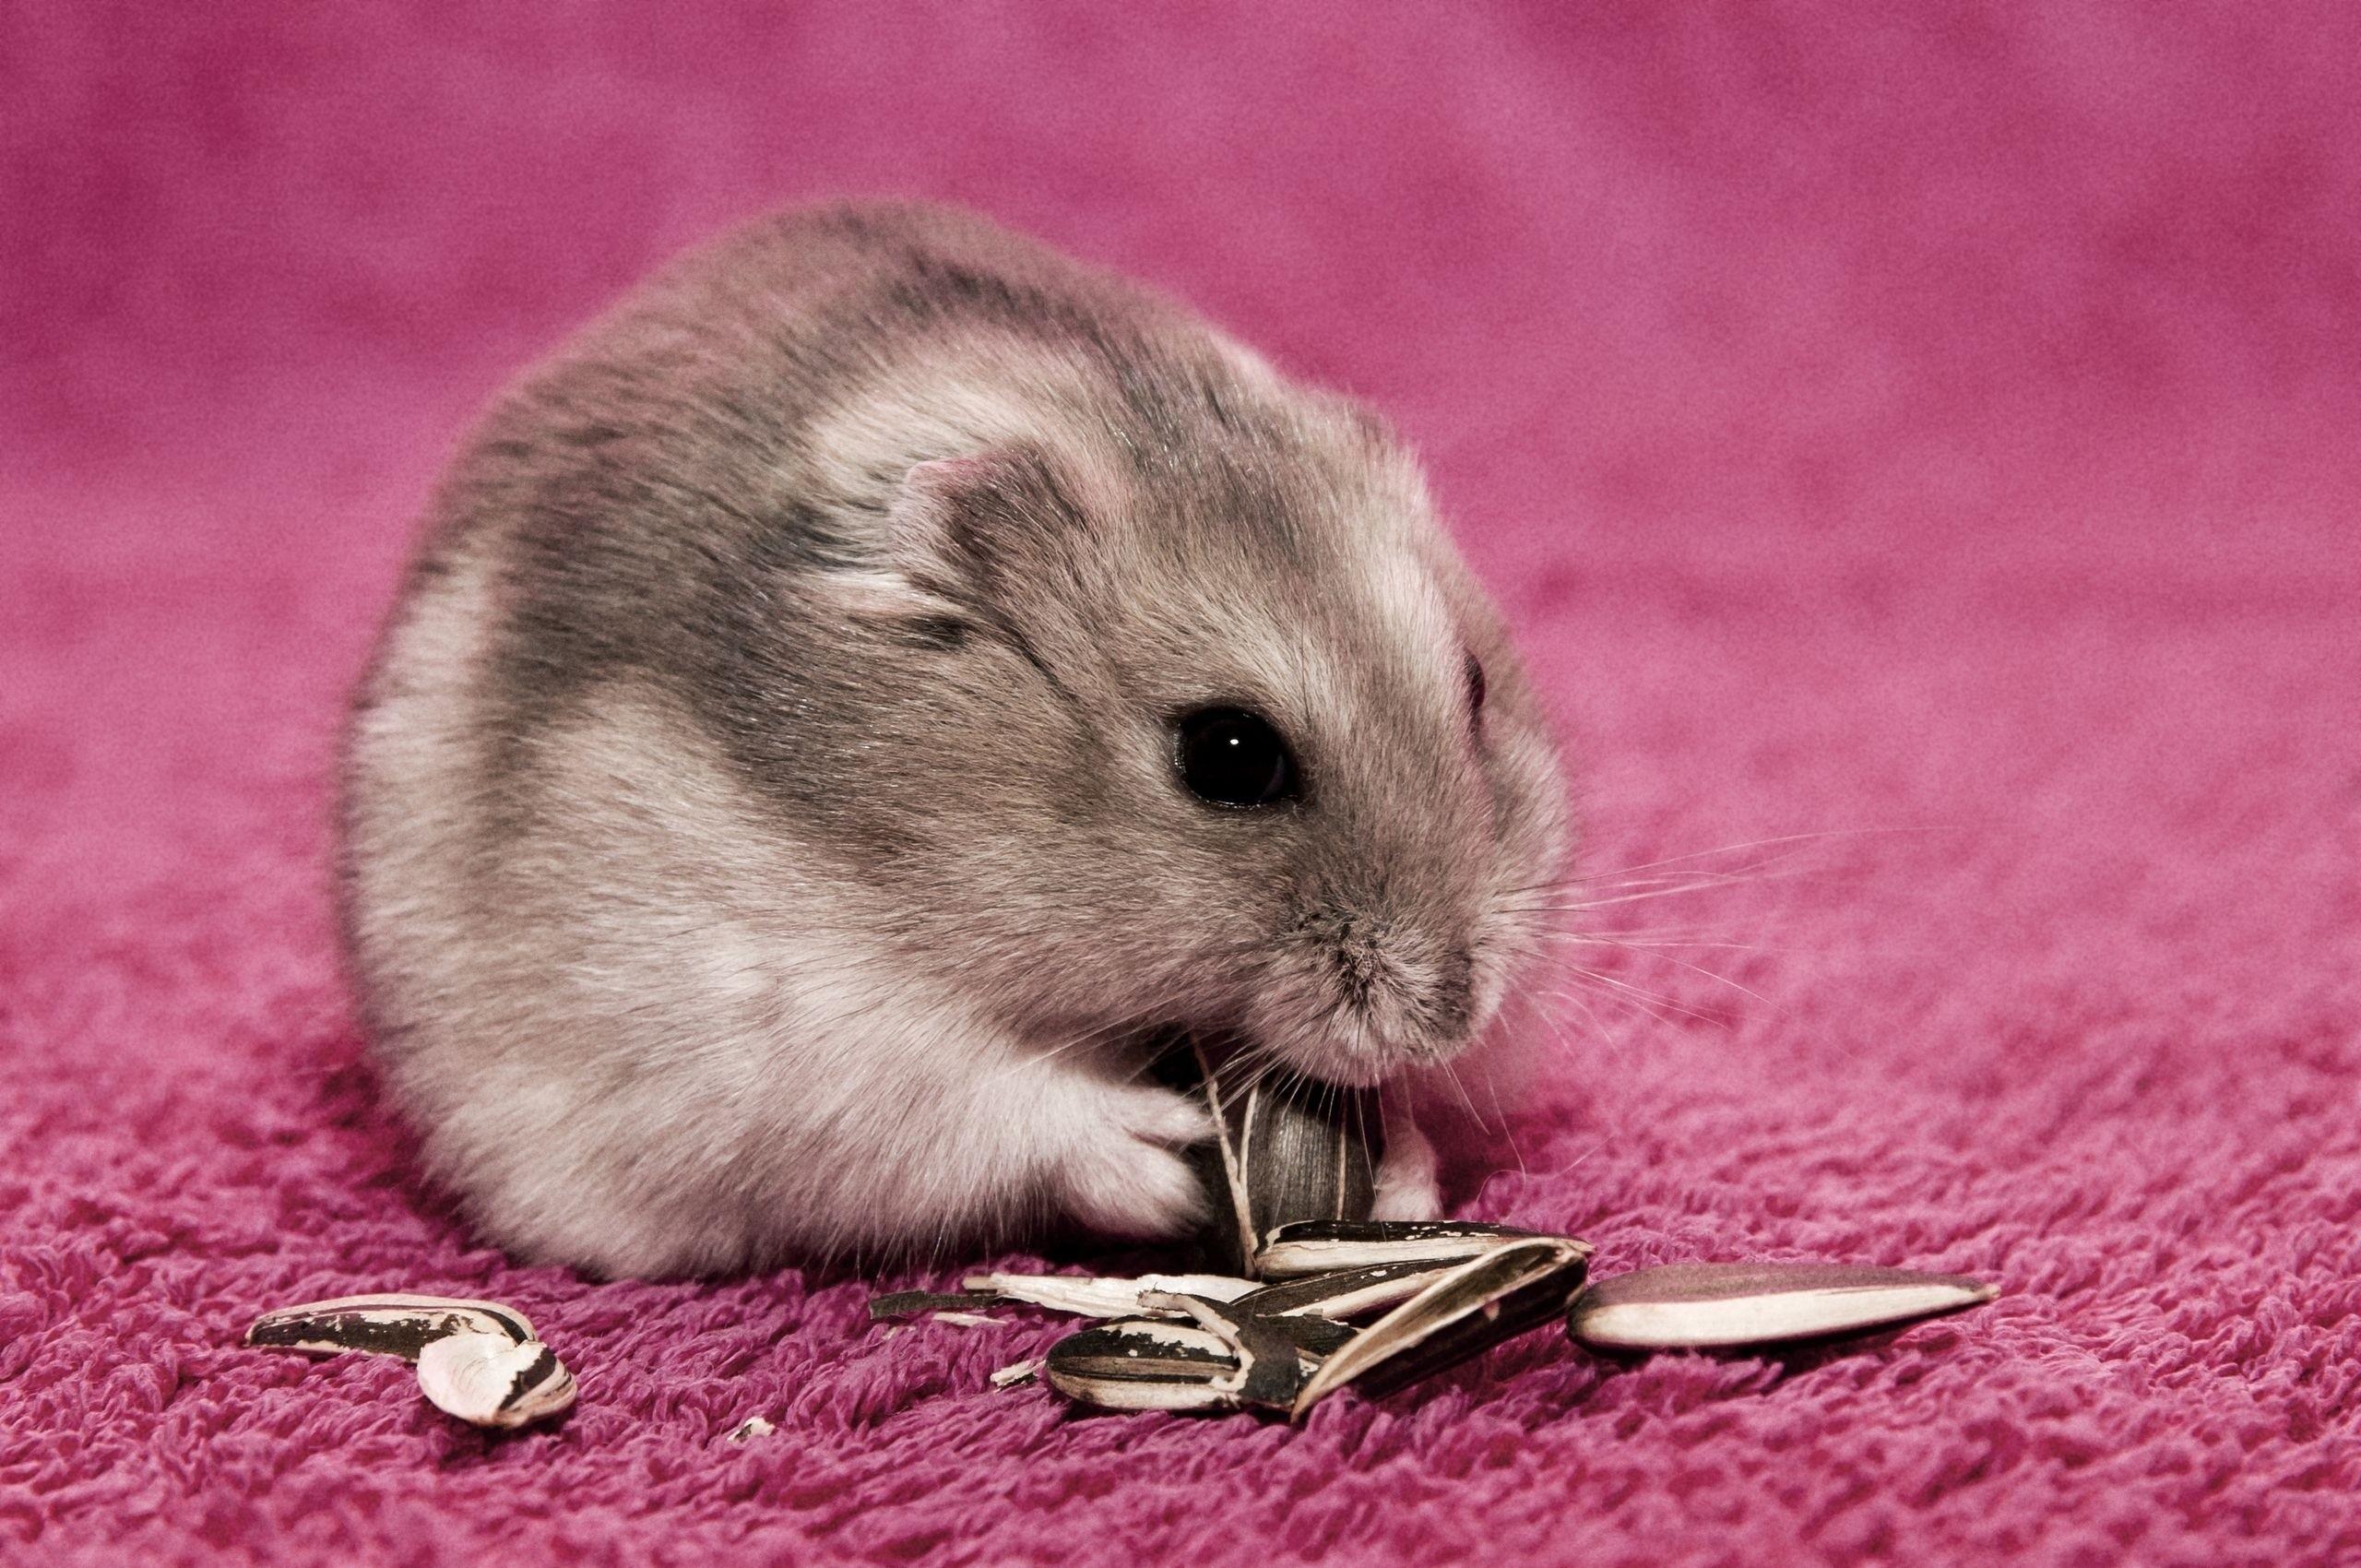 Cute Hamster Eating Wallpaper